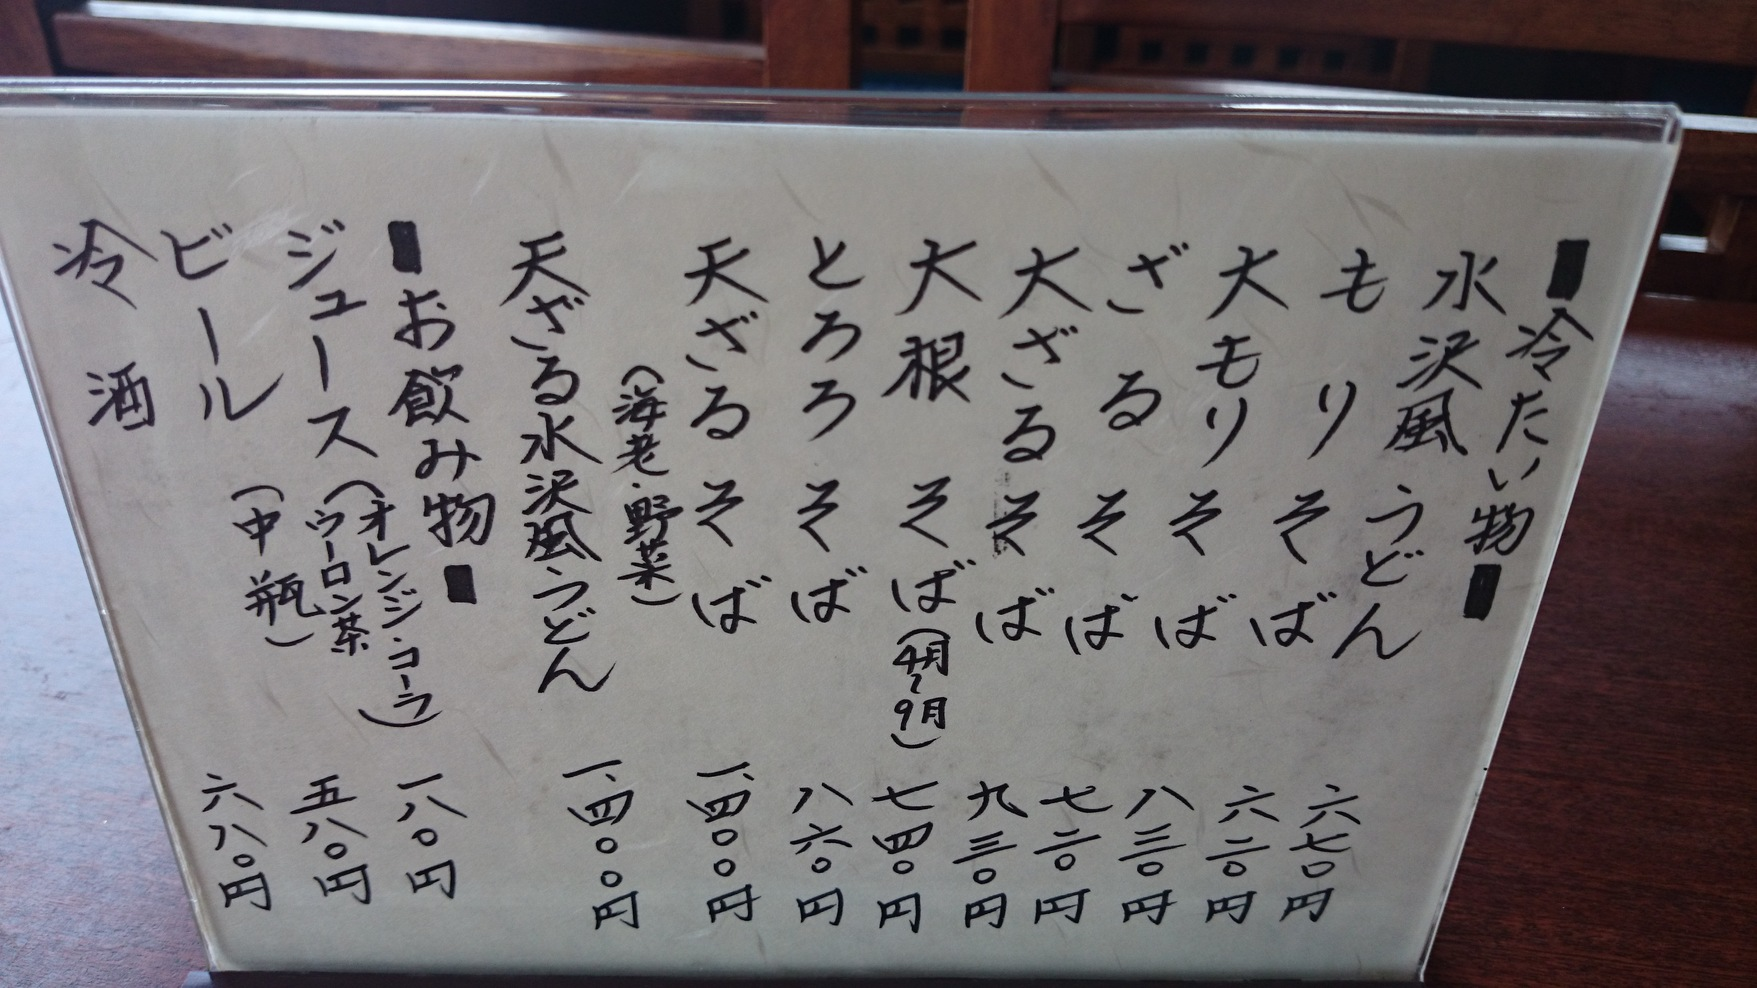 そば処 栗山 name=